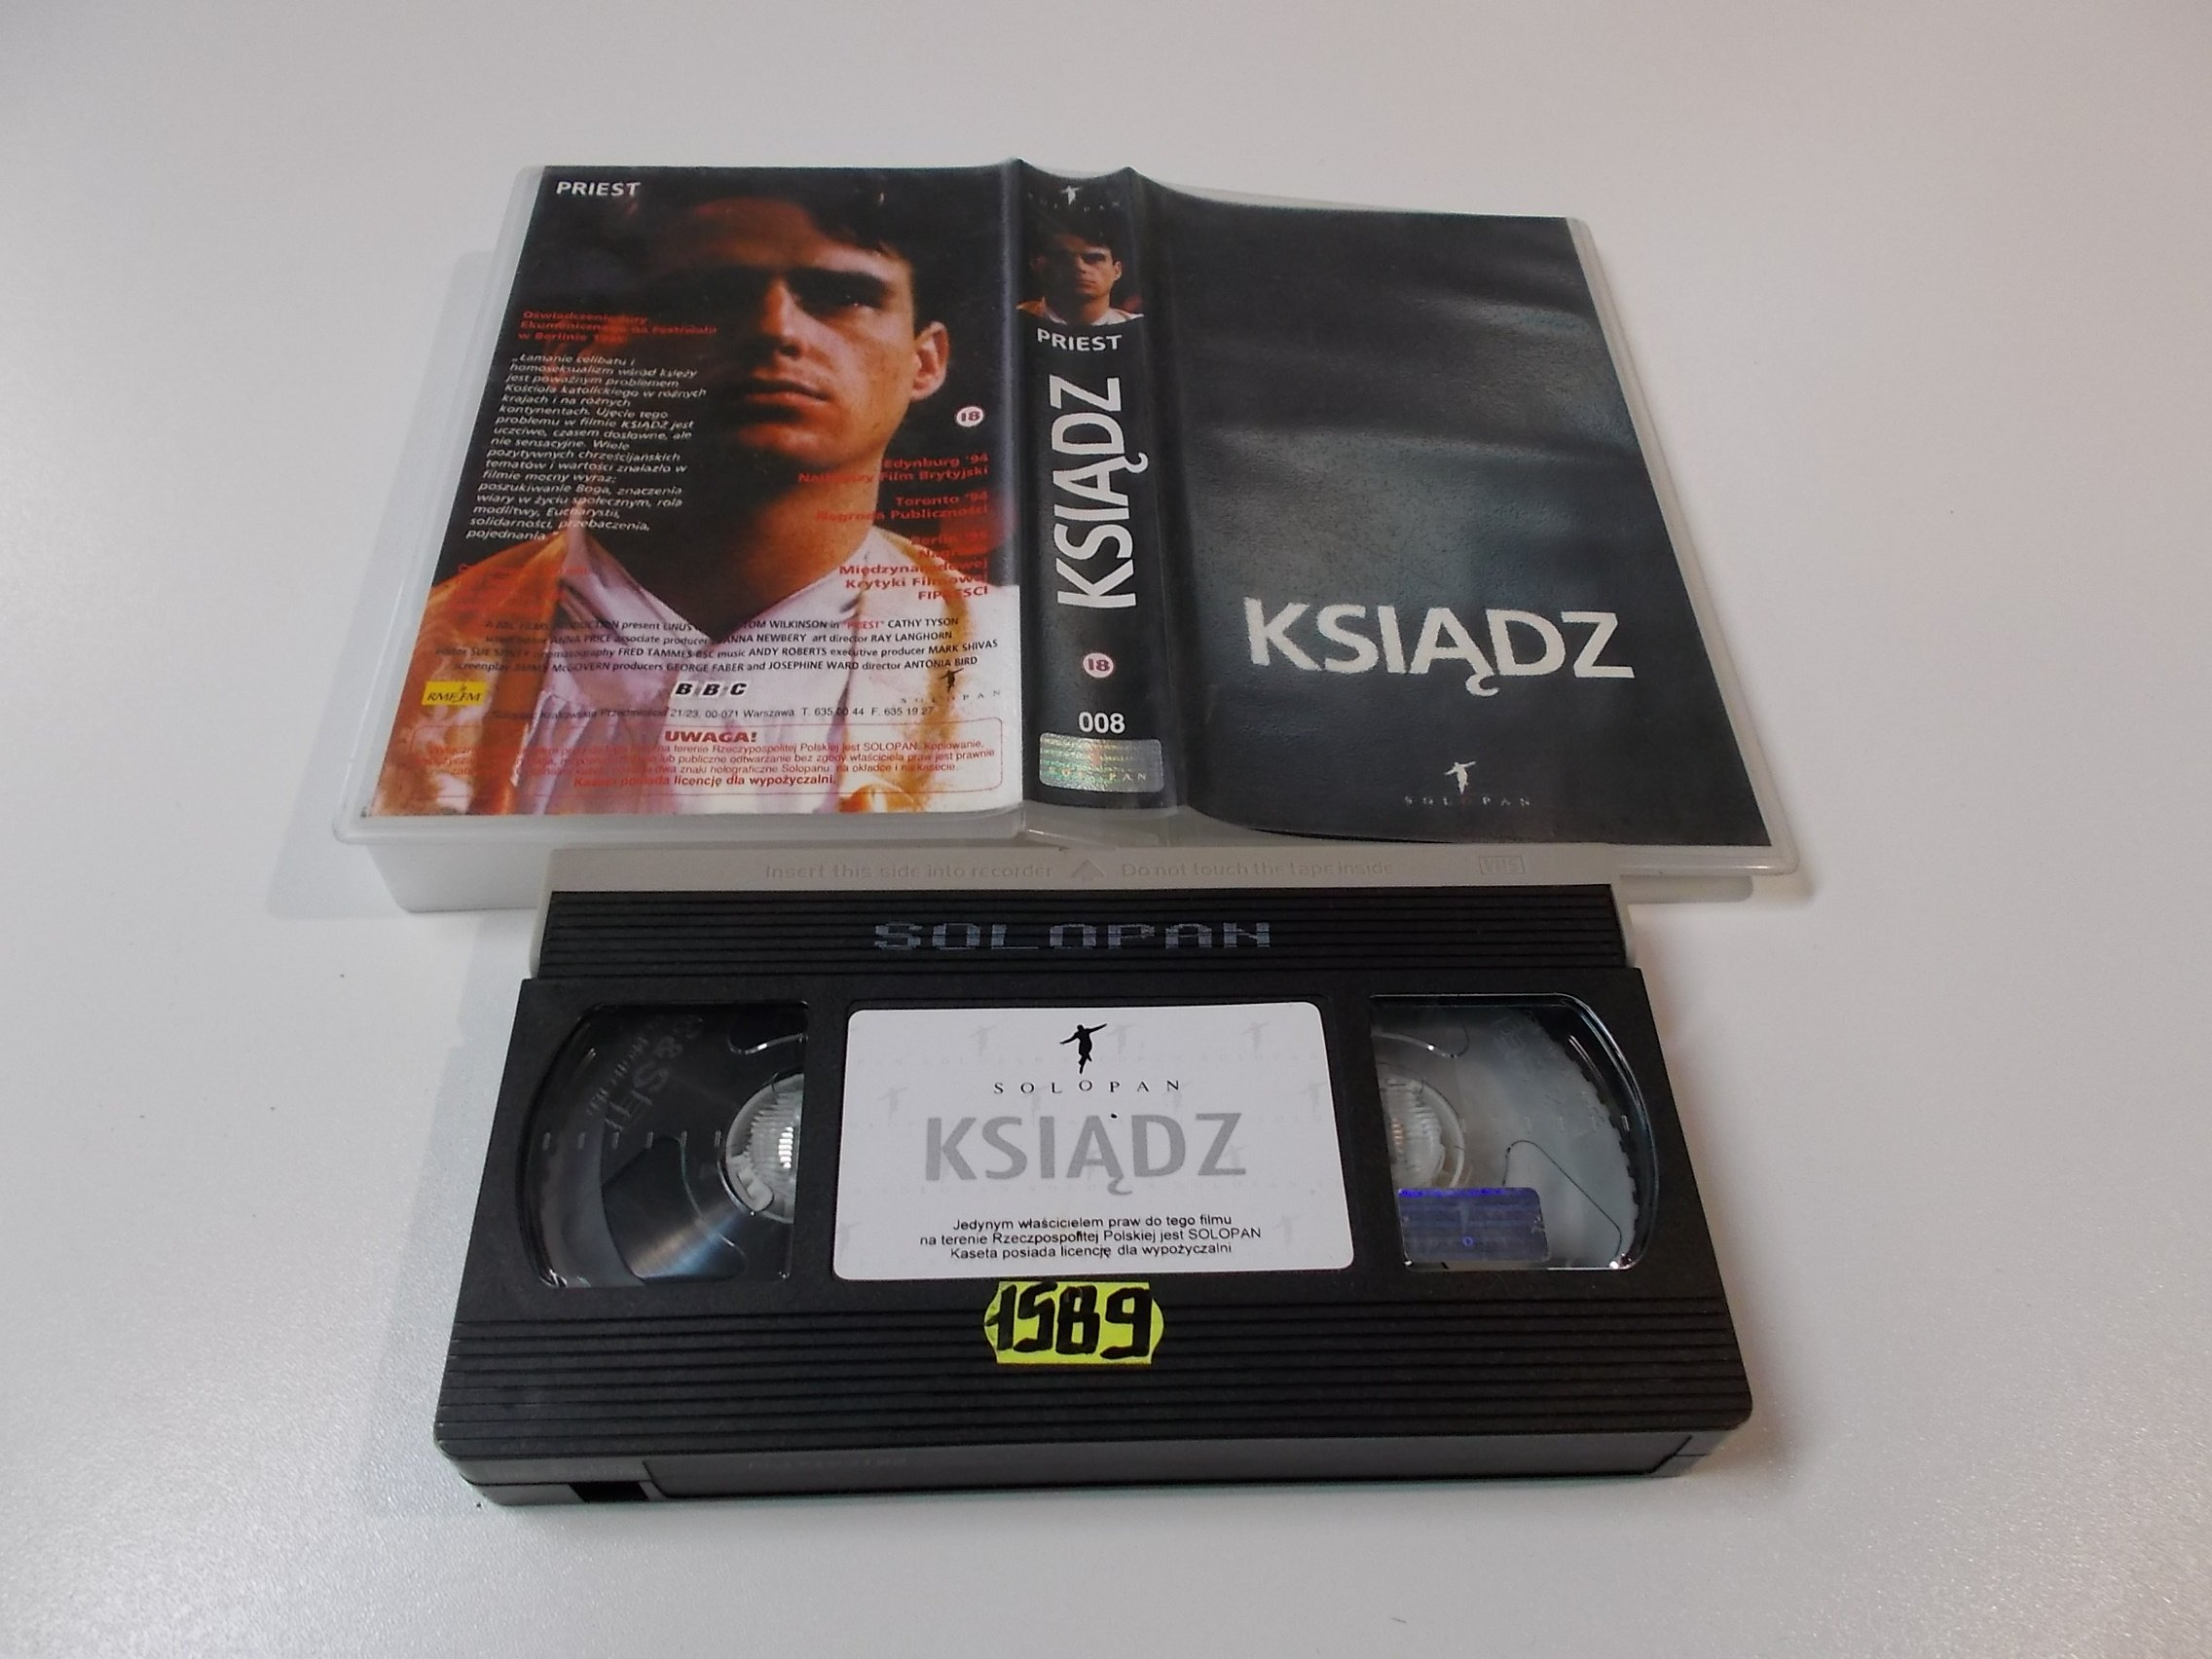 KSIĄDZ - Kaseta Video VHS - Opole 1518